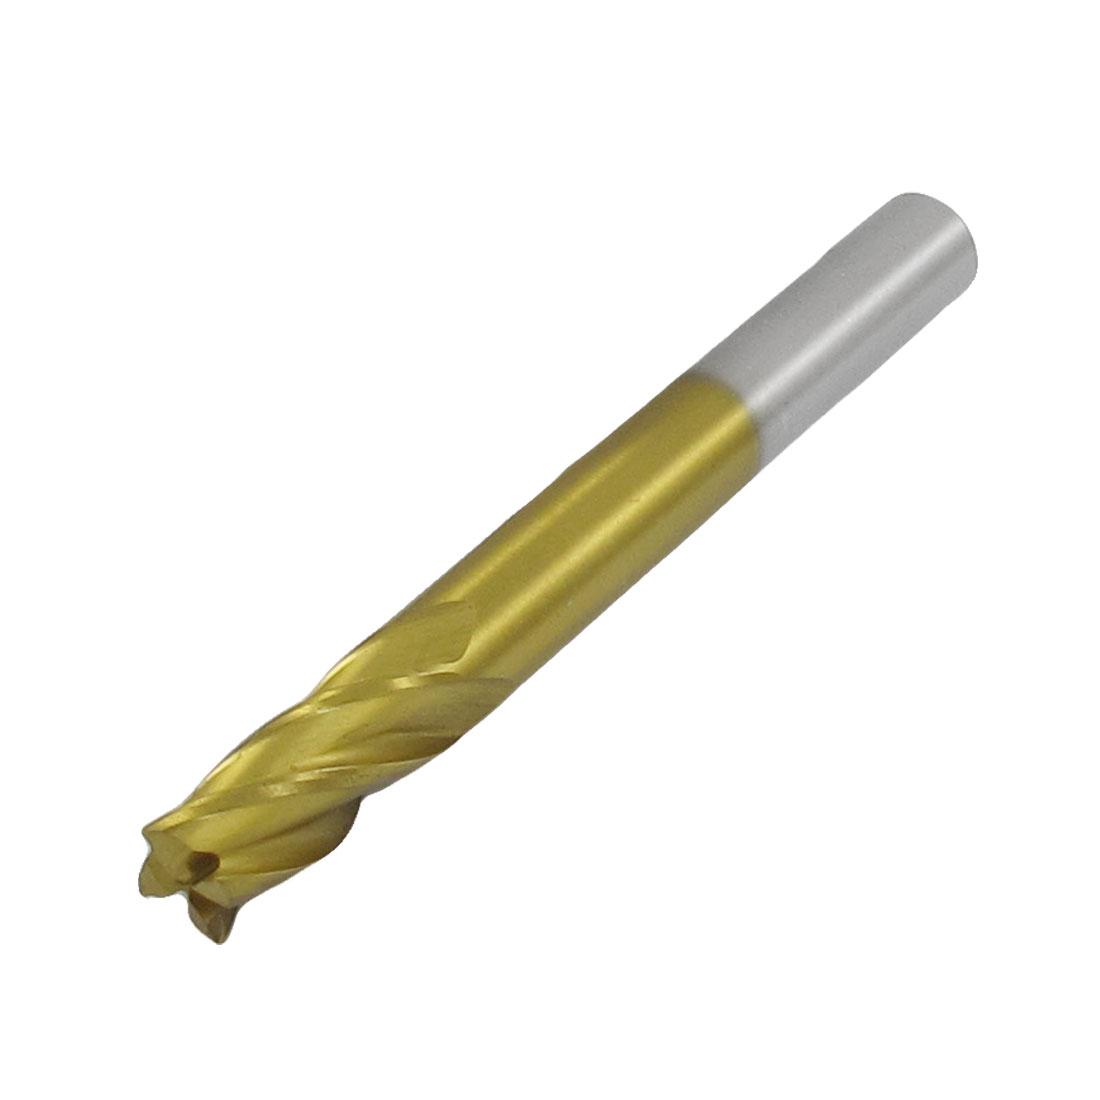 6mm Shank Cuttng Diameter HSS Straight Shank End Mill Gold Tone